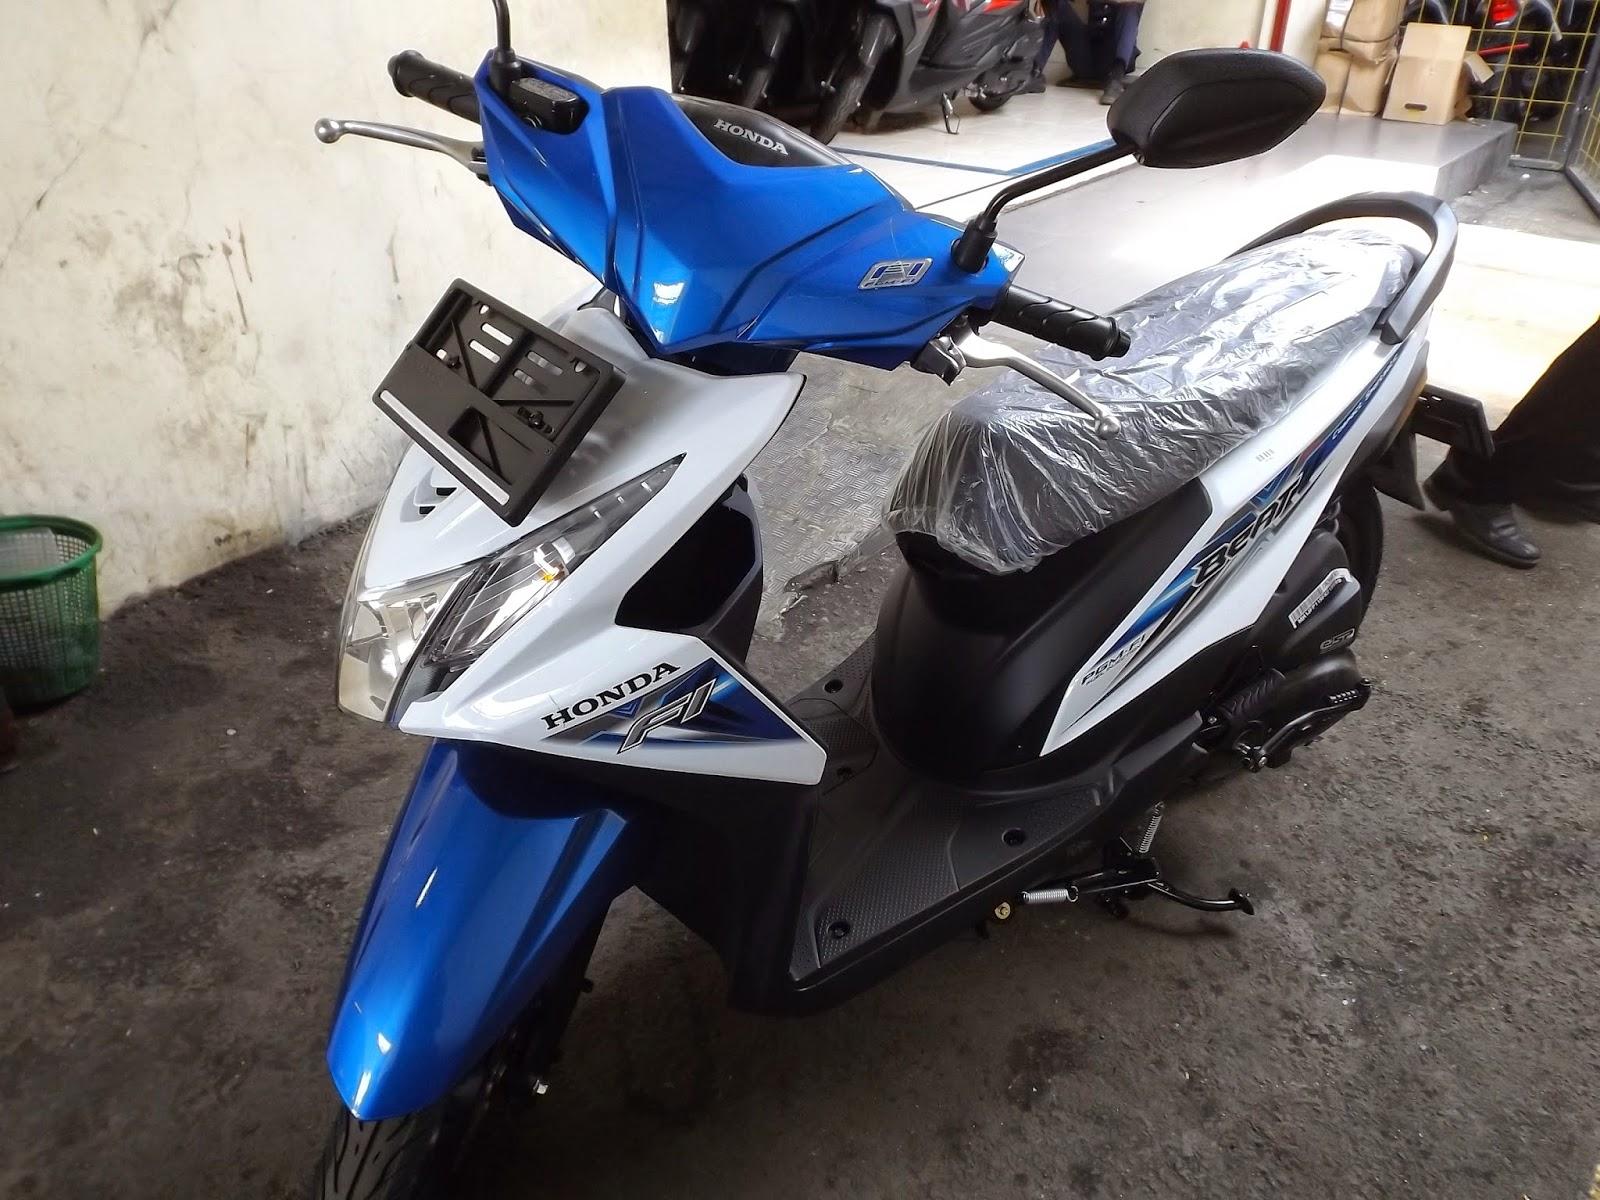 New Beat Esp Cbs Funk Red White Daftar Harga Terbaru Dan Terupdate All Sporty Iss Soul Tegal Honda Bandung Source Motor Matic Terlaris Di Indonesia Mobil